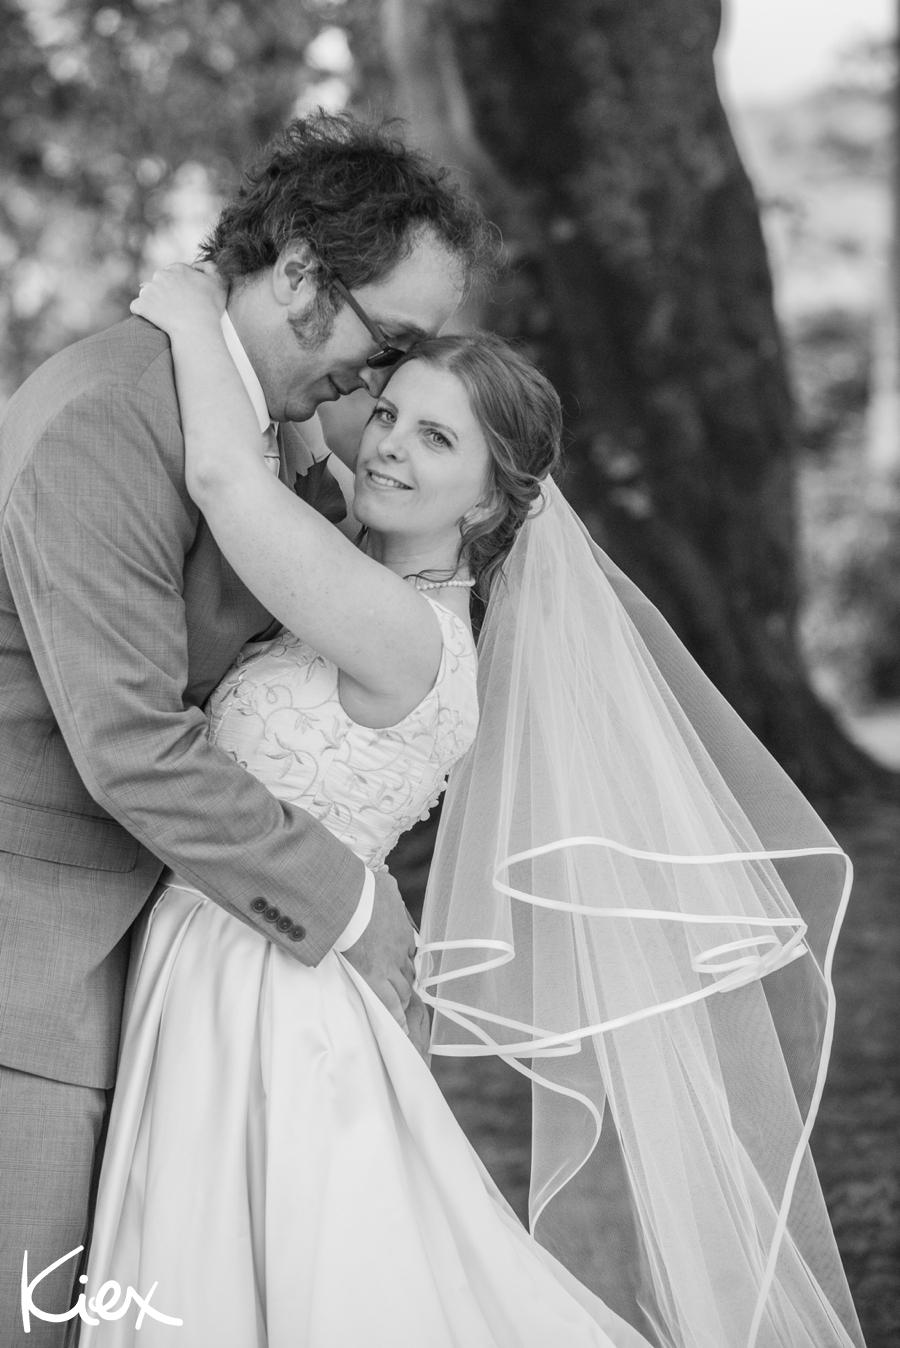 KIEX WEDDING_FARROWROB_062.jpg